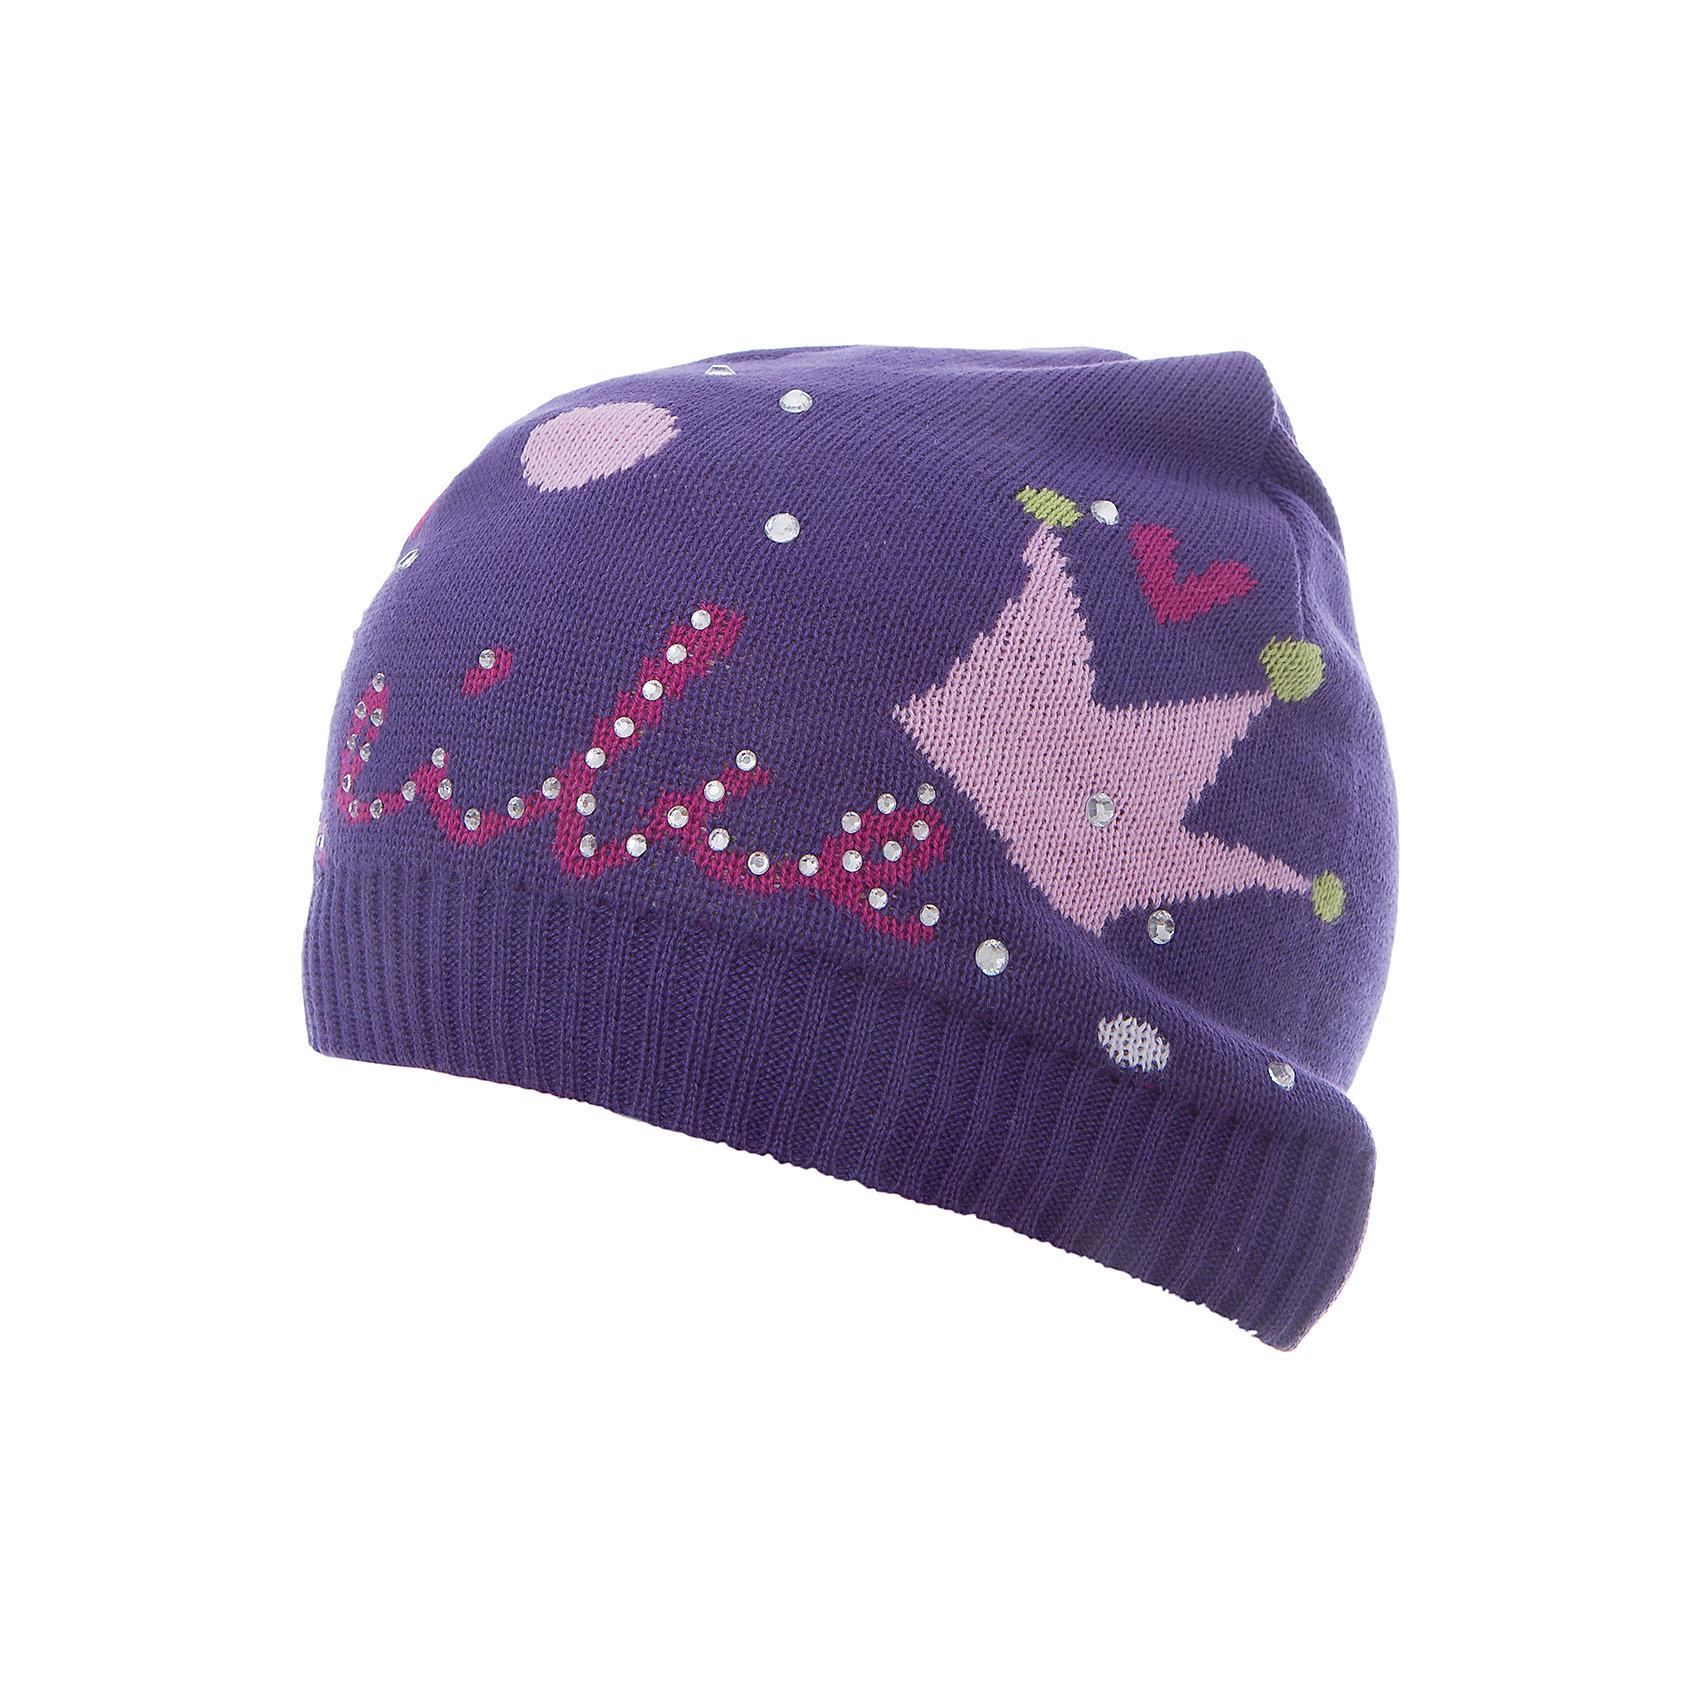 Шапка Reike для девочкиШапки и шарфы<br>Характеристики товара:<br><br>• цвет: фиолетовый<br>• состав: 100% хлопок<br>• температурный режим: от +7С до +15С<br>• декорирована принтом<br>• мягкий материал<br>• страна бренда: Финляндия<br><br>Новая коллекция от известного финского производителя Reike отличается ярким дизайном, продуманностью и комфортом! Эта модель разработана специально для детей - она учитывает особенности их физиологии, а также новые тенденции в европейской моде. Она отлично сочетается с обувью разных цветов и фасонов. Стильная и удобная вещь! <br><br>Шапку для девочки от популярного бренда Reike можно купить в нашем интернет-магазине.<br><br>Ширина мм: 89<br>Глубина мм: 117<br>Высота мм: 44<br>Вес г: 155<br>Цвет: фиолетовый<br>Возраст от месяцев: 48<br>Возраст до месяцев: 60<br>Пол: Женский<br>Возраст: Детский<br>Размер: 52,54,50<br>SKU: 5430108